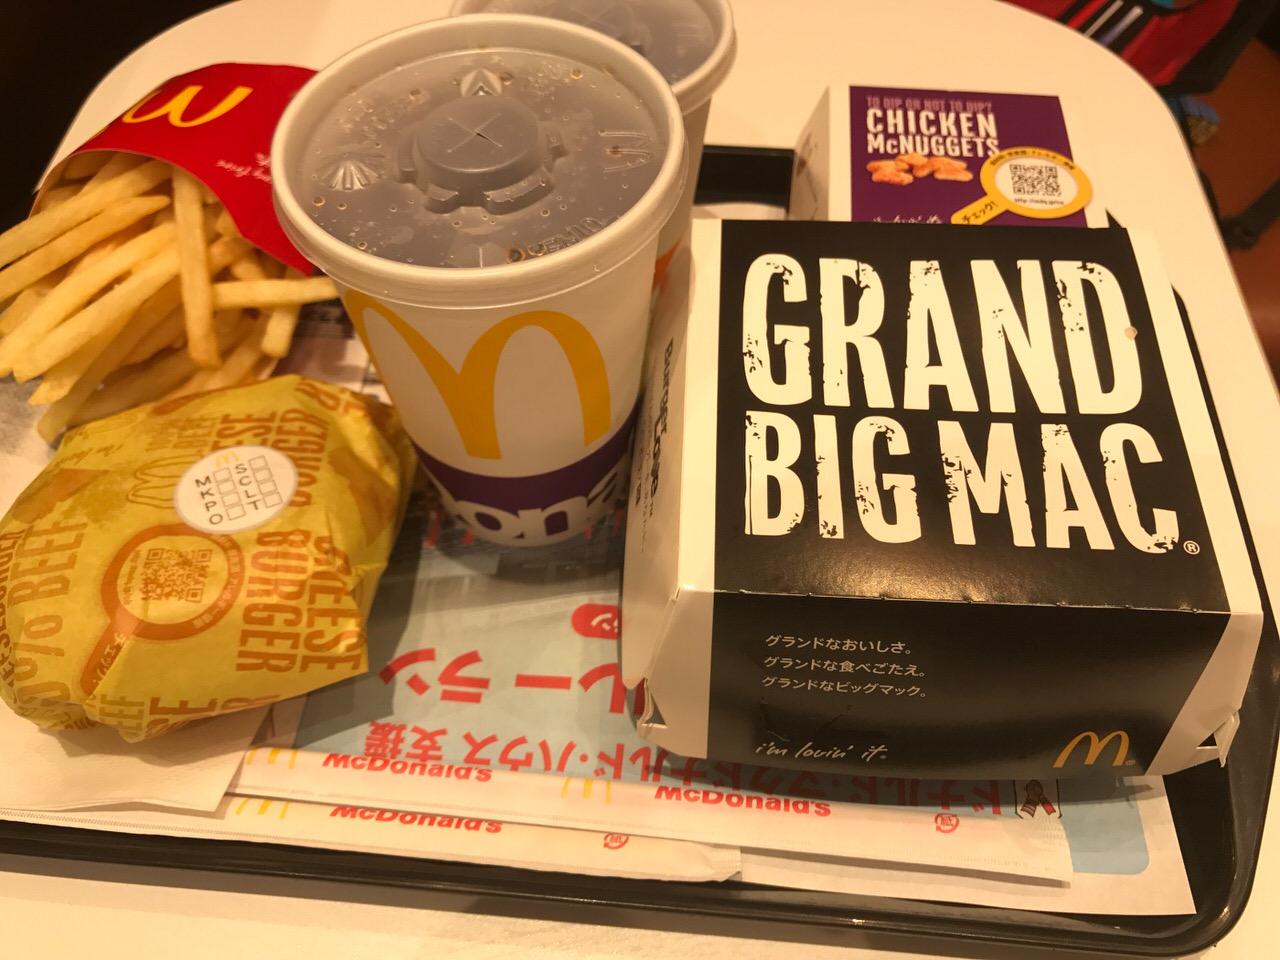 Grand big mac 3160